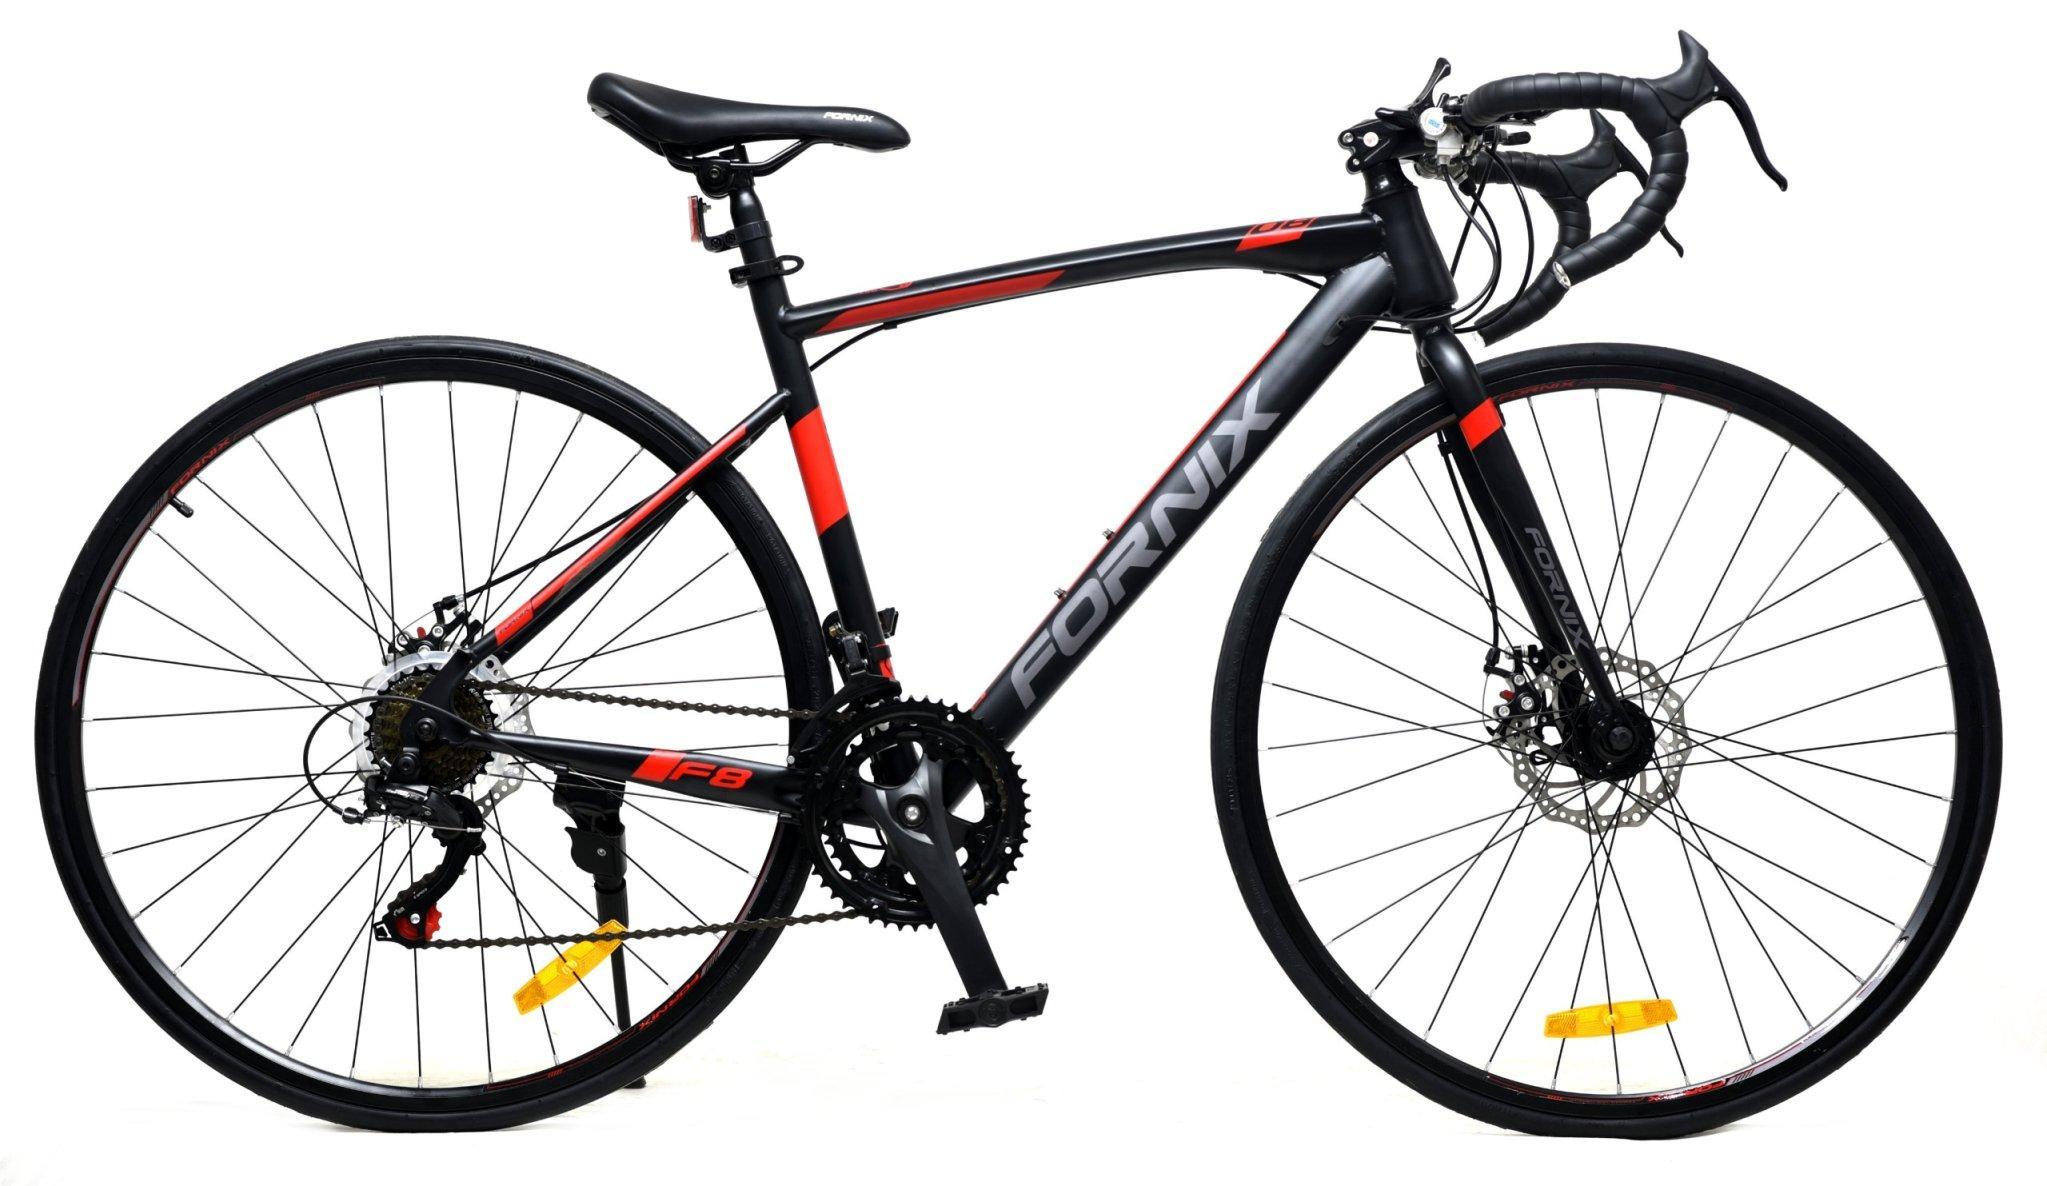 Mua Xe đạp đua đường trường Fornix F8, Khung Sườn hợp kim thép cao cấp, tay đề SHIMANO, bộ truyền động SHIMANO, tốc độ 14,  vòng bánh 29, 4 màu mới